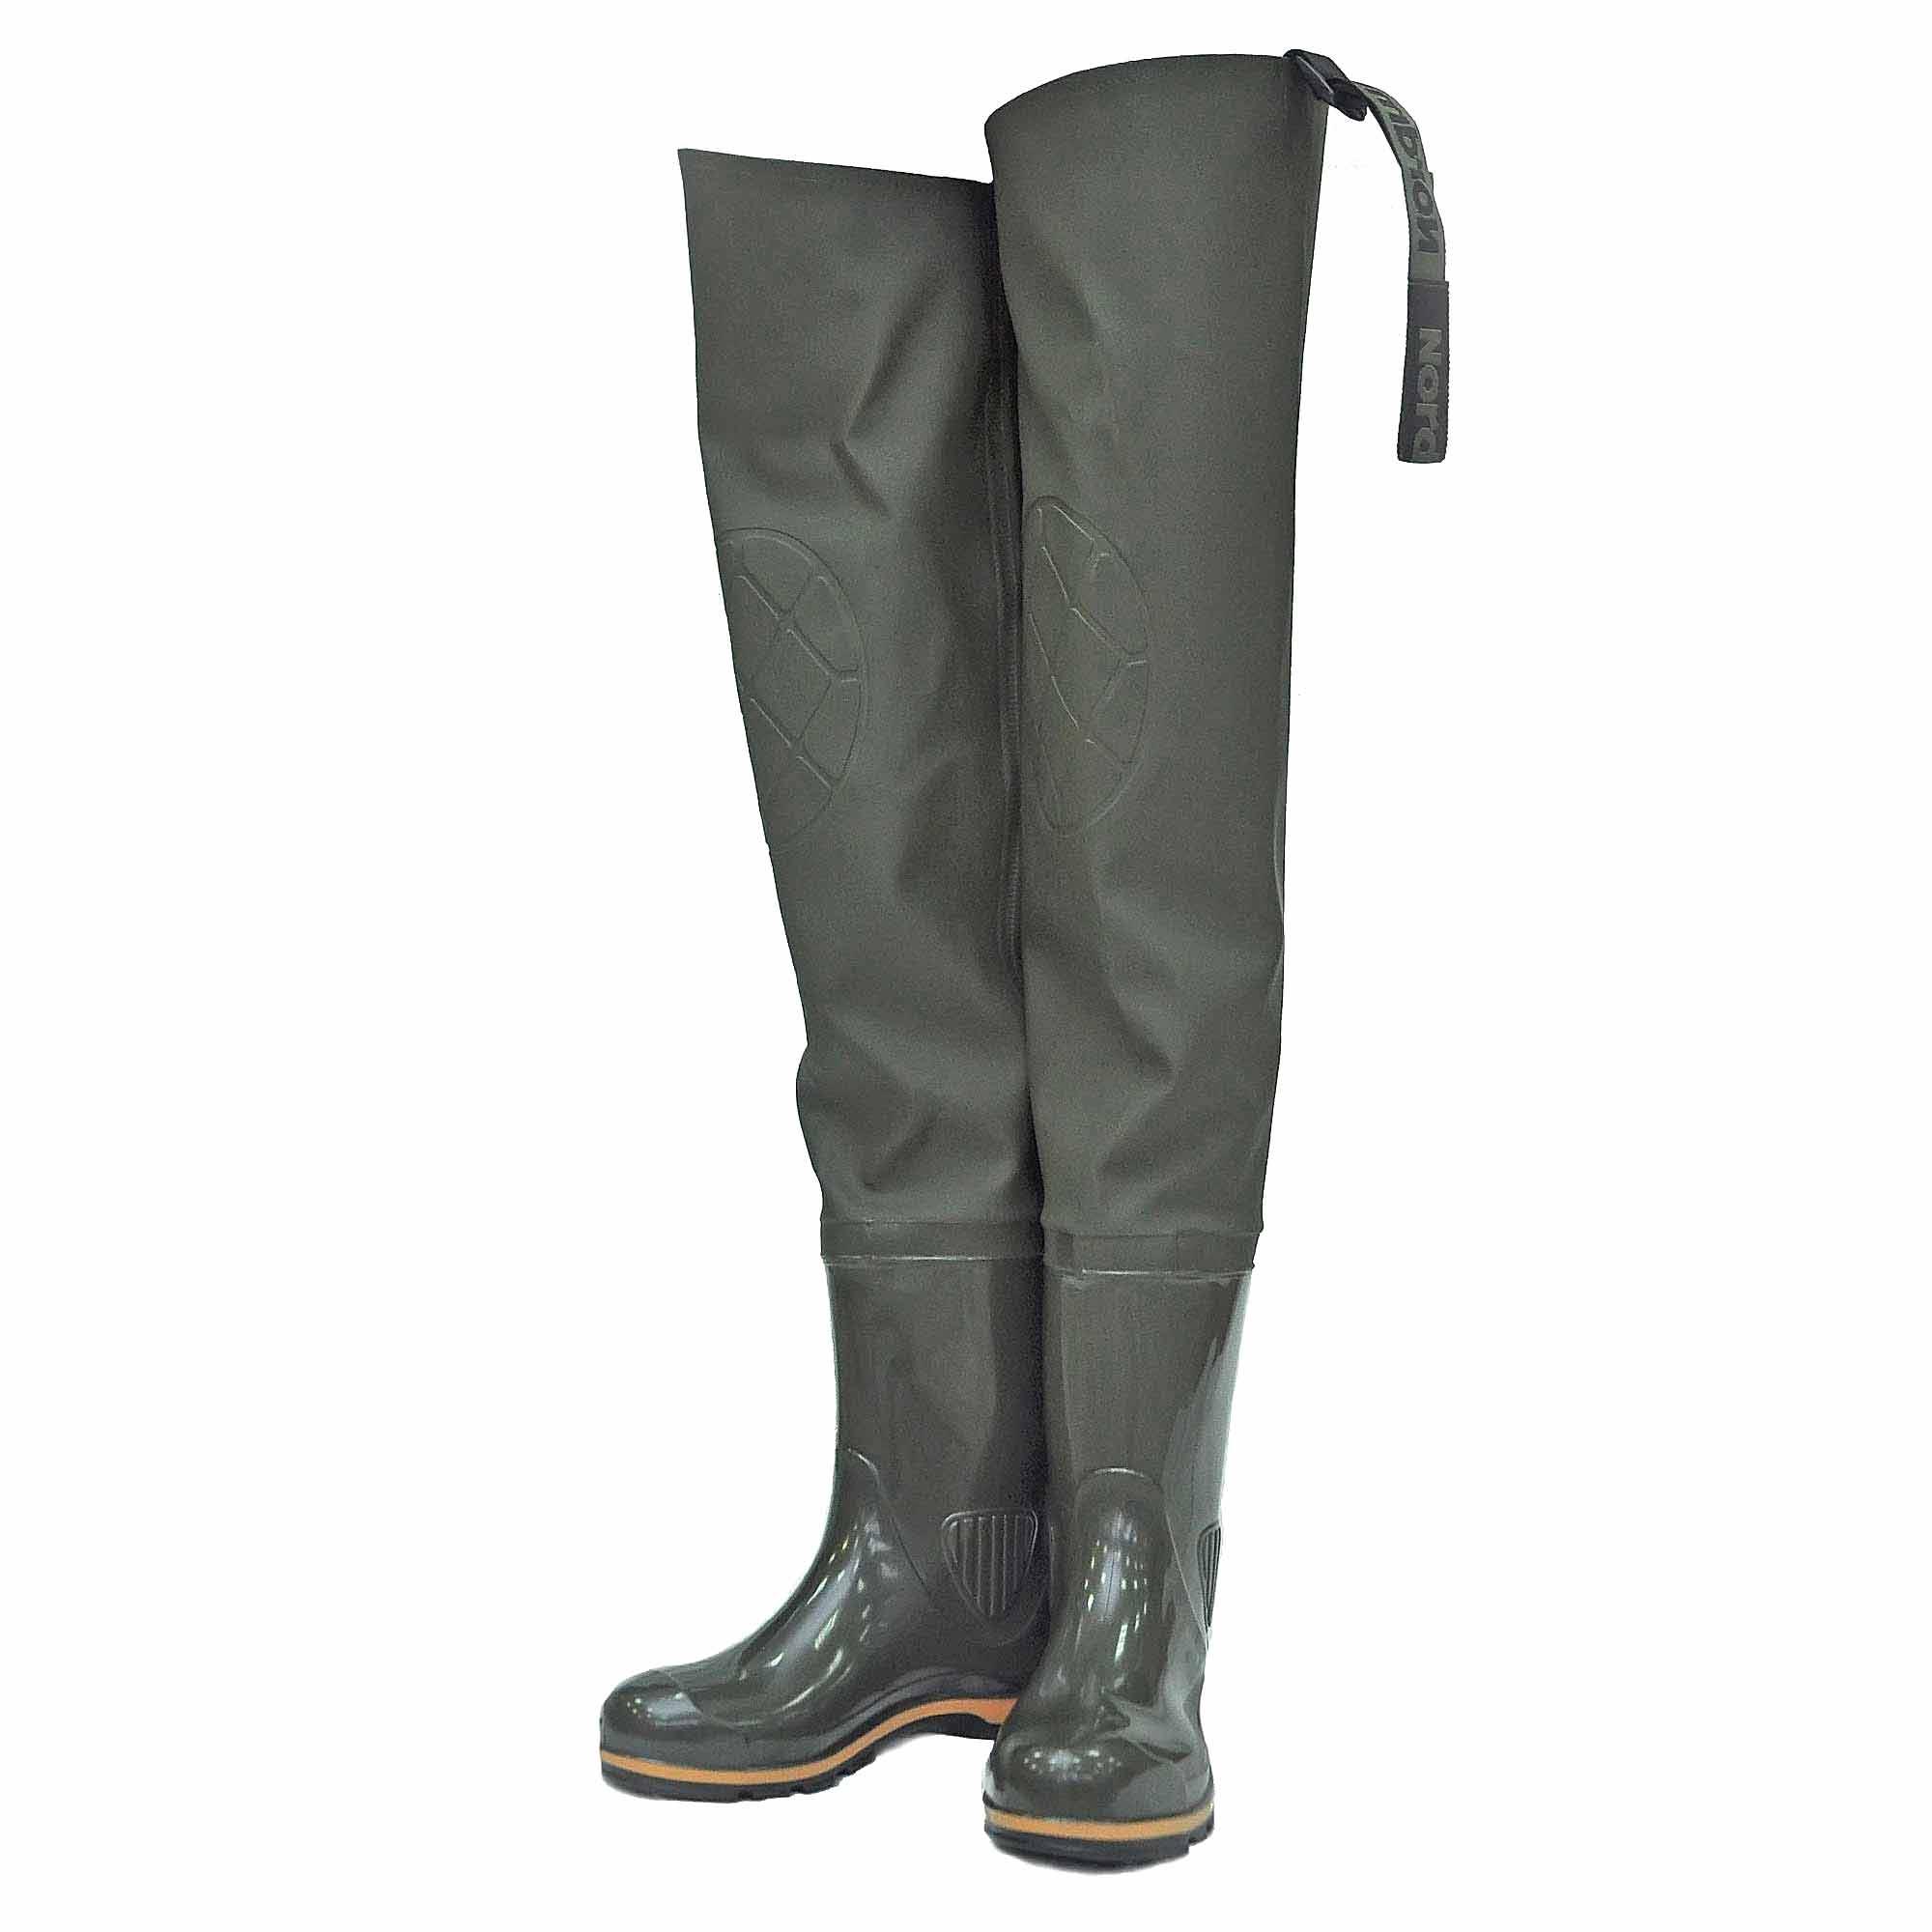 Забродные ботинки: как выбрать для вейдерсов и забродной рыбалки, обзор моделей на войлочной подошве и с шипами, размеры